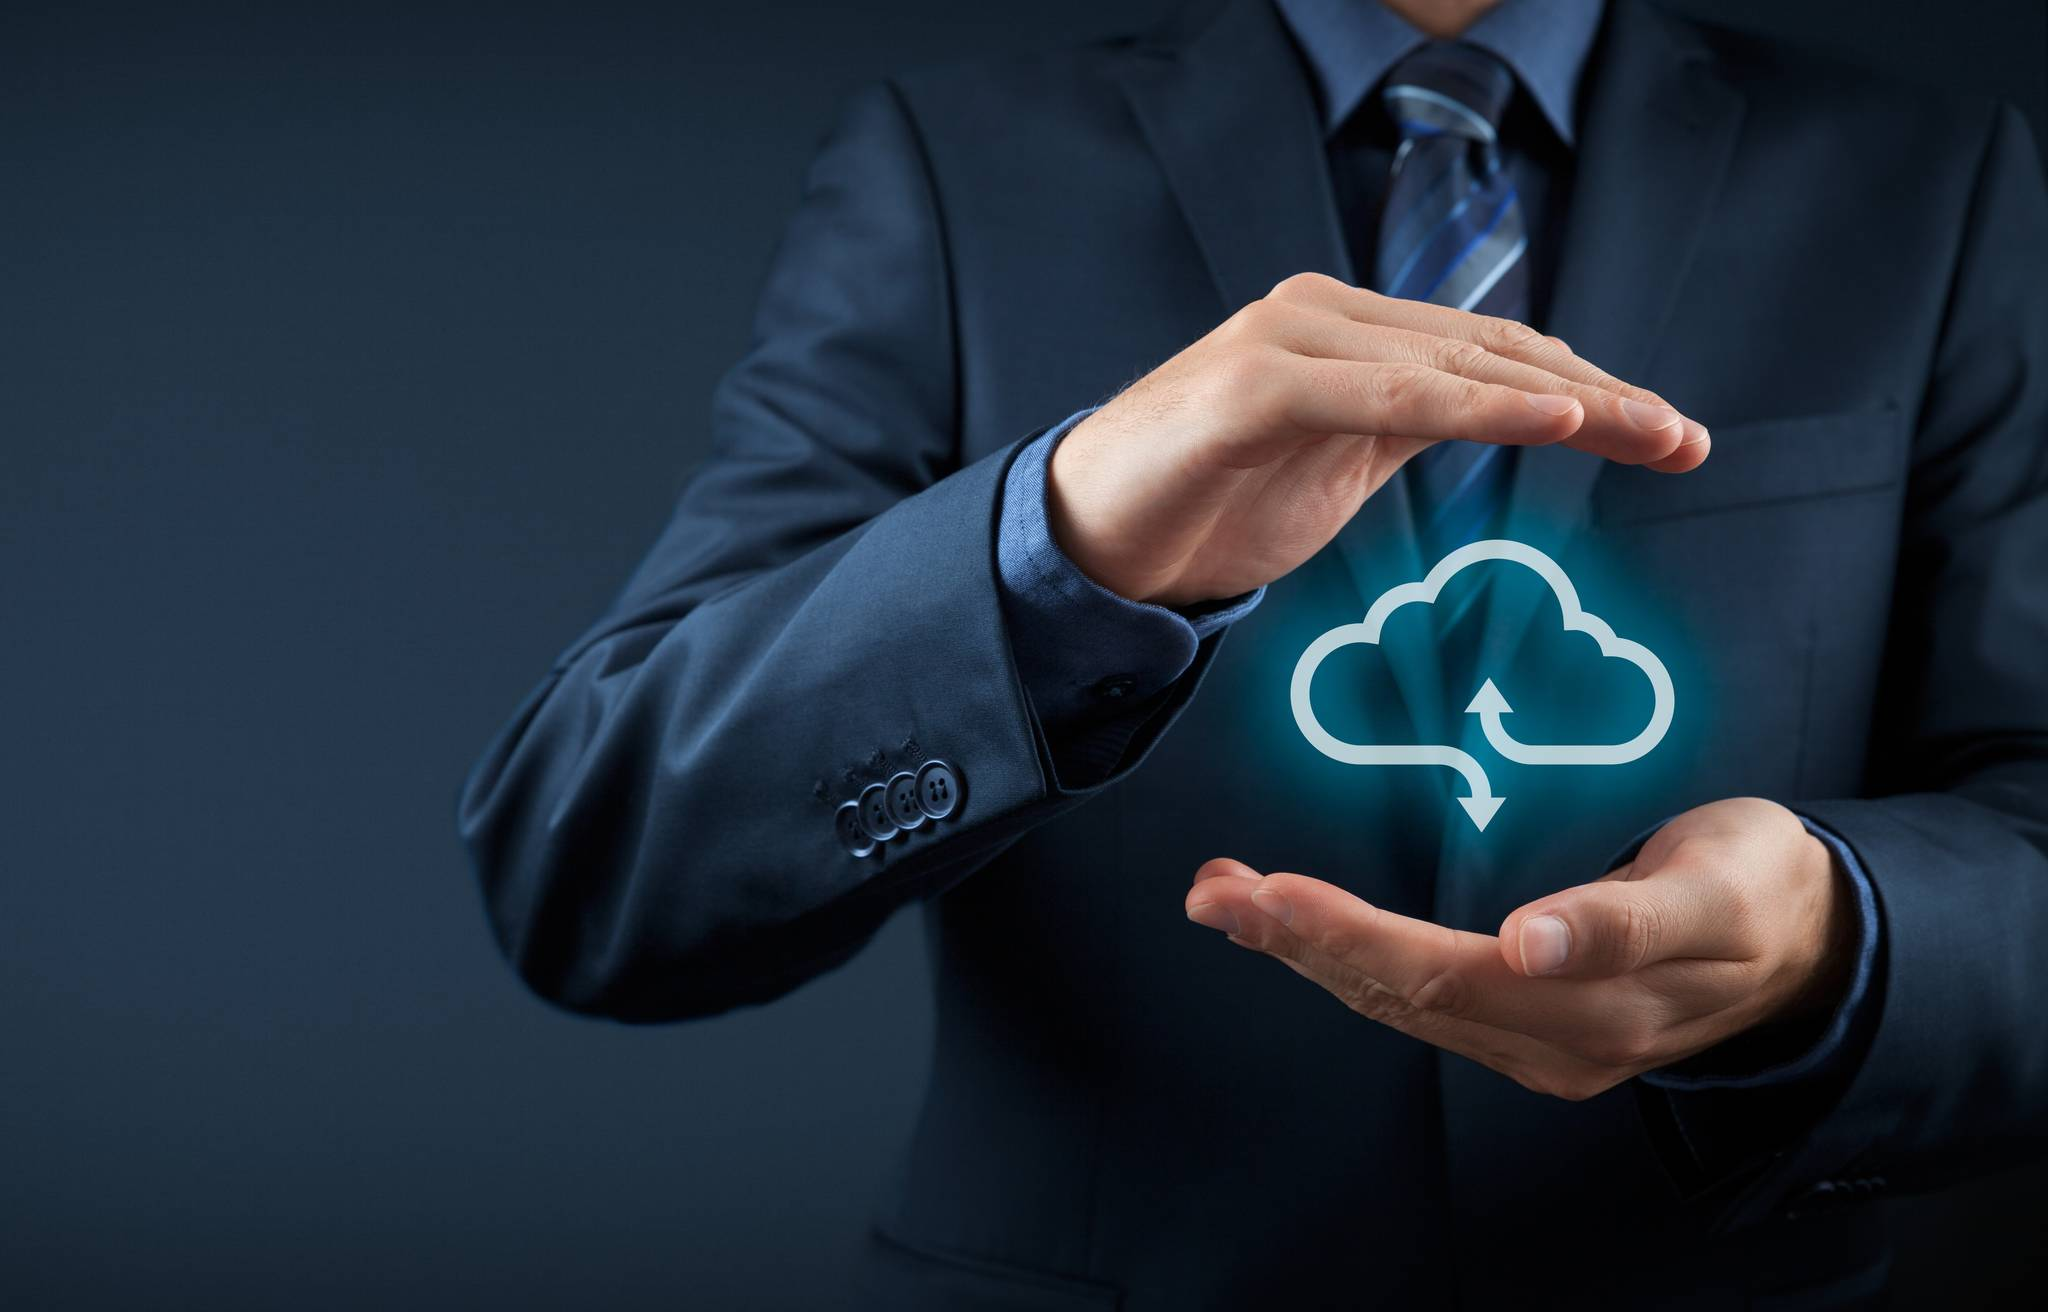 IaaS, PaaS, SaaS, BPaaS: parlez-vous le Cloud?